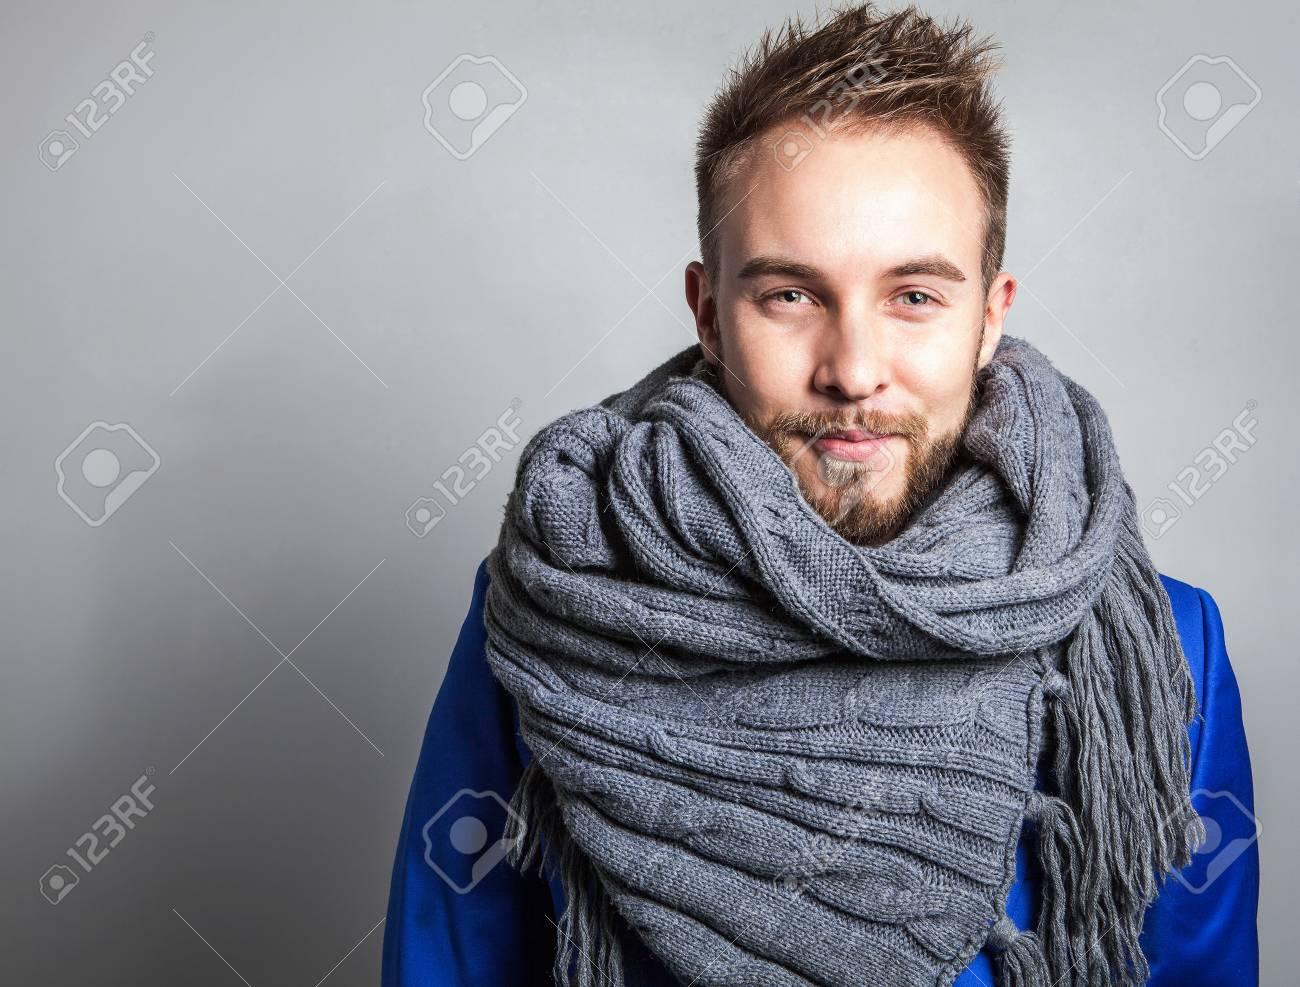 Banque d images - Légant et beau jeune homme positif en écharpe. Studio  portrait de la mode. cd43dd184a2